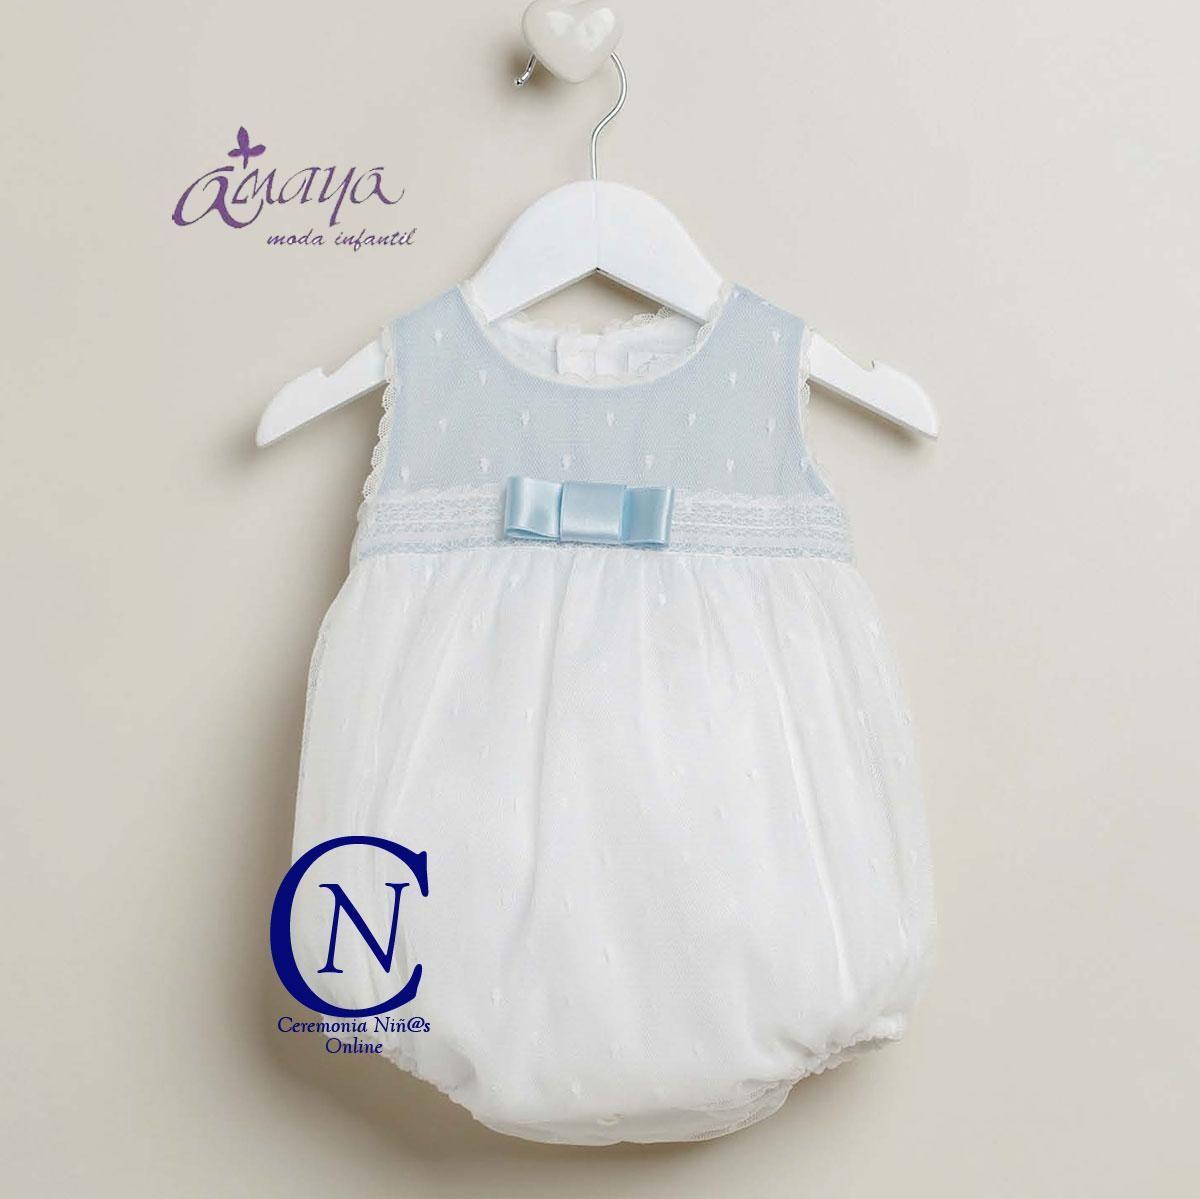 Pololo De Bautizo Para Bebe De Artesania Amaya Modelo 22101 Ropa De Bebe Online Ropa Tienda Moda